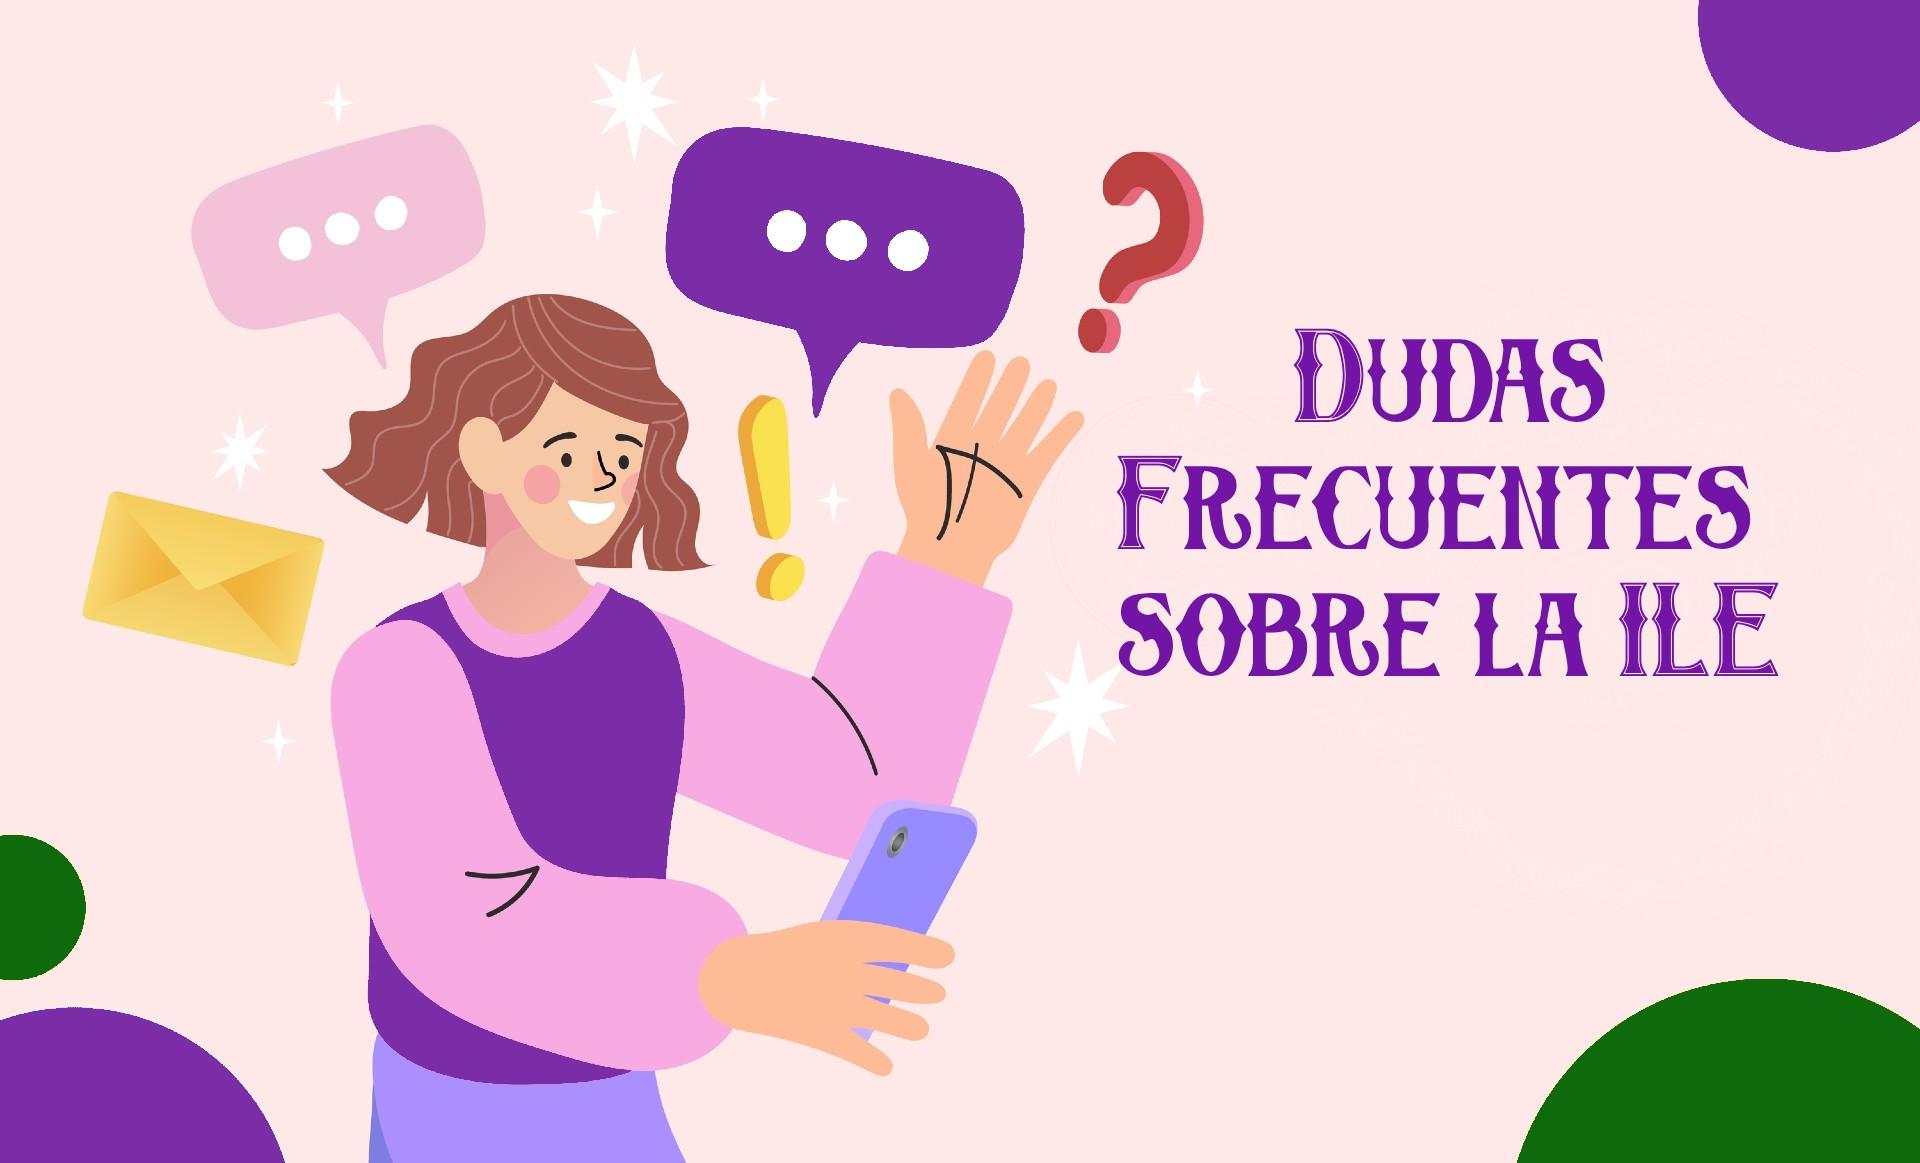 Preguntas Frecuentes sobre aborto y sus respuestas